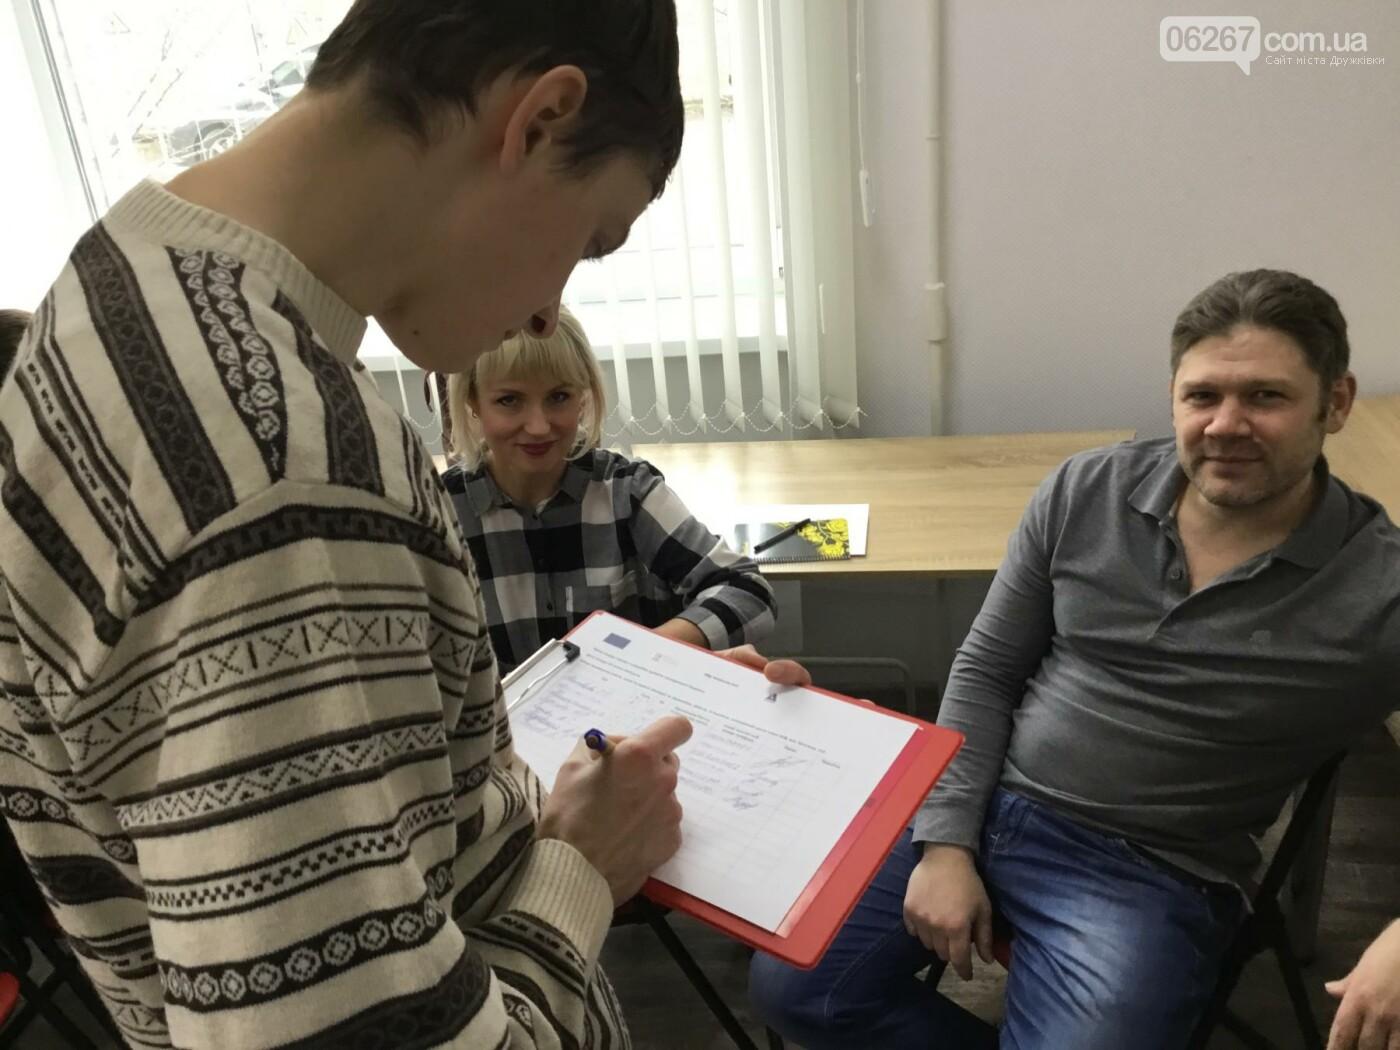 В Дружковке сегодня учили готовить проекты для Общественного бюджета (ФОТО, ВИДЕО), фото-11